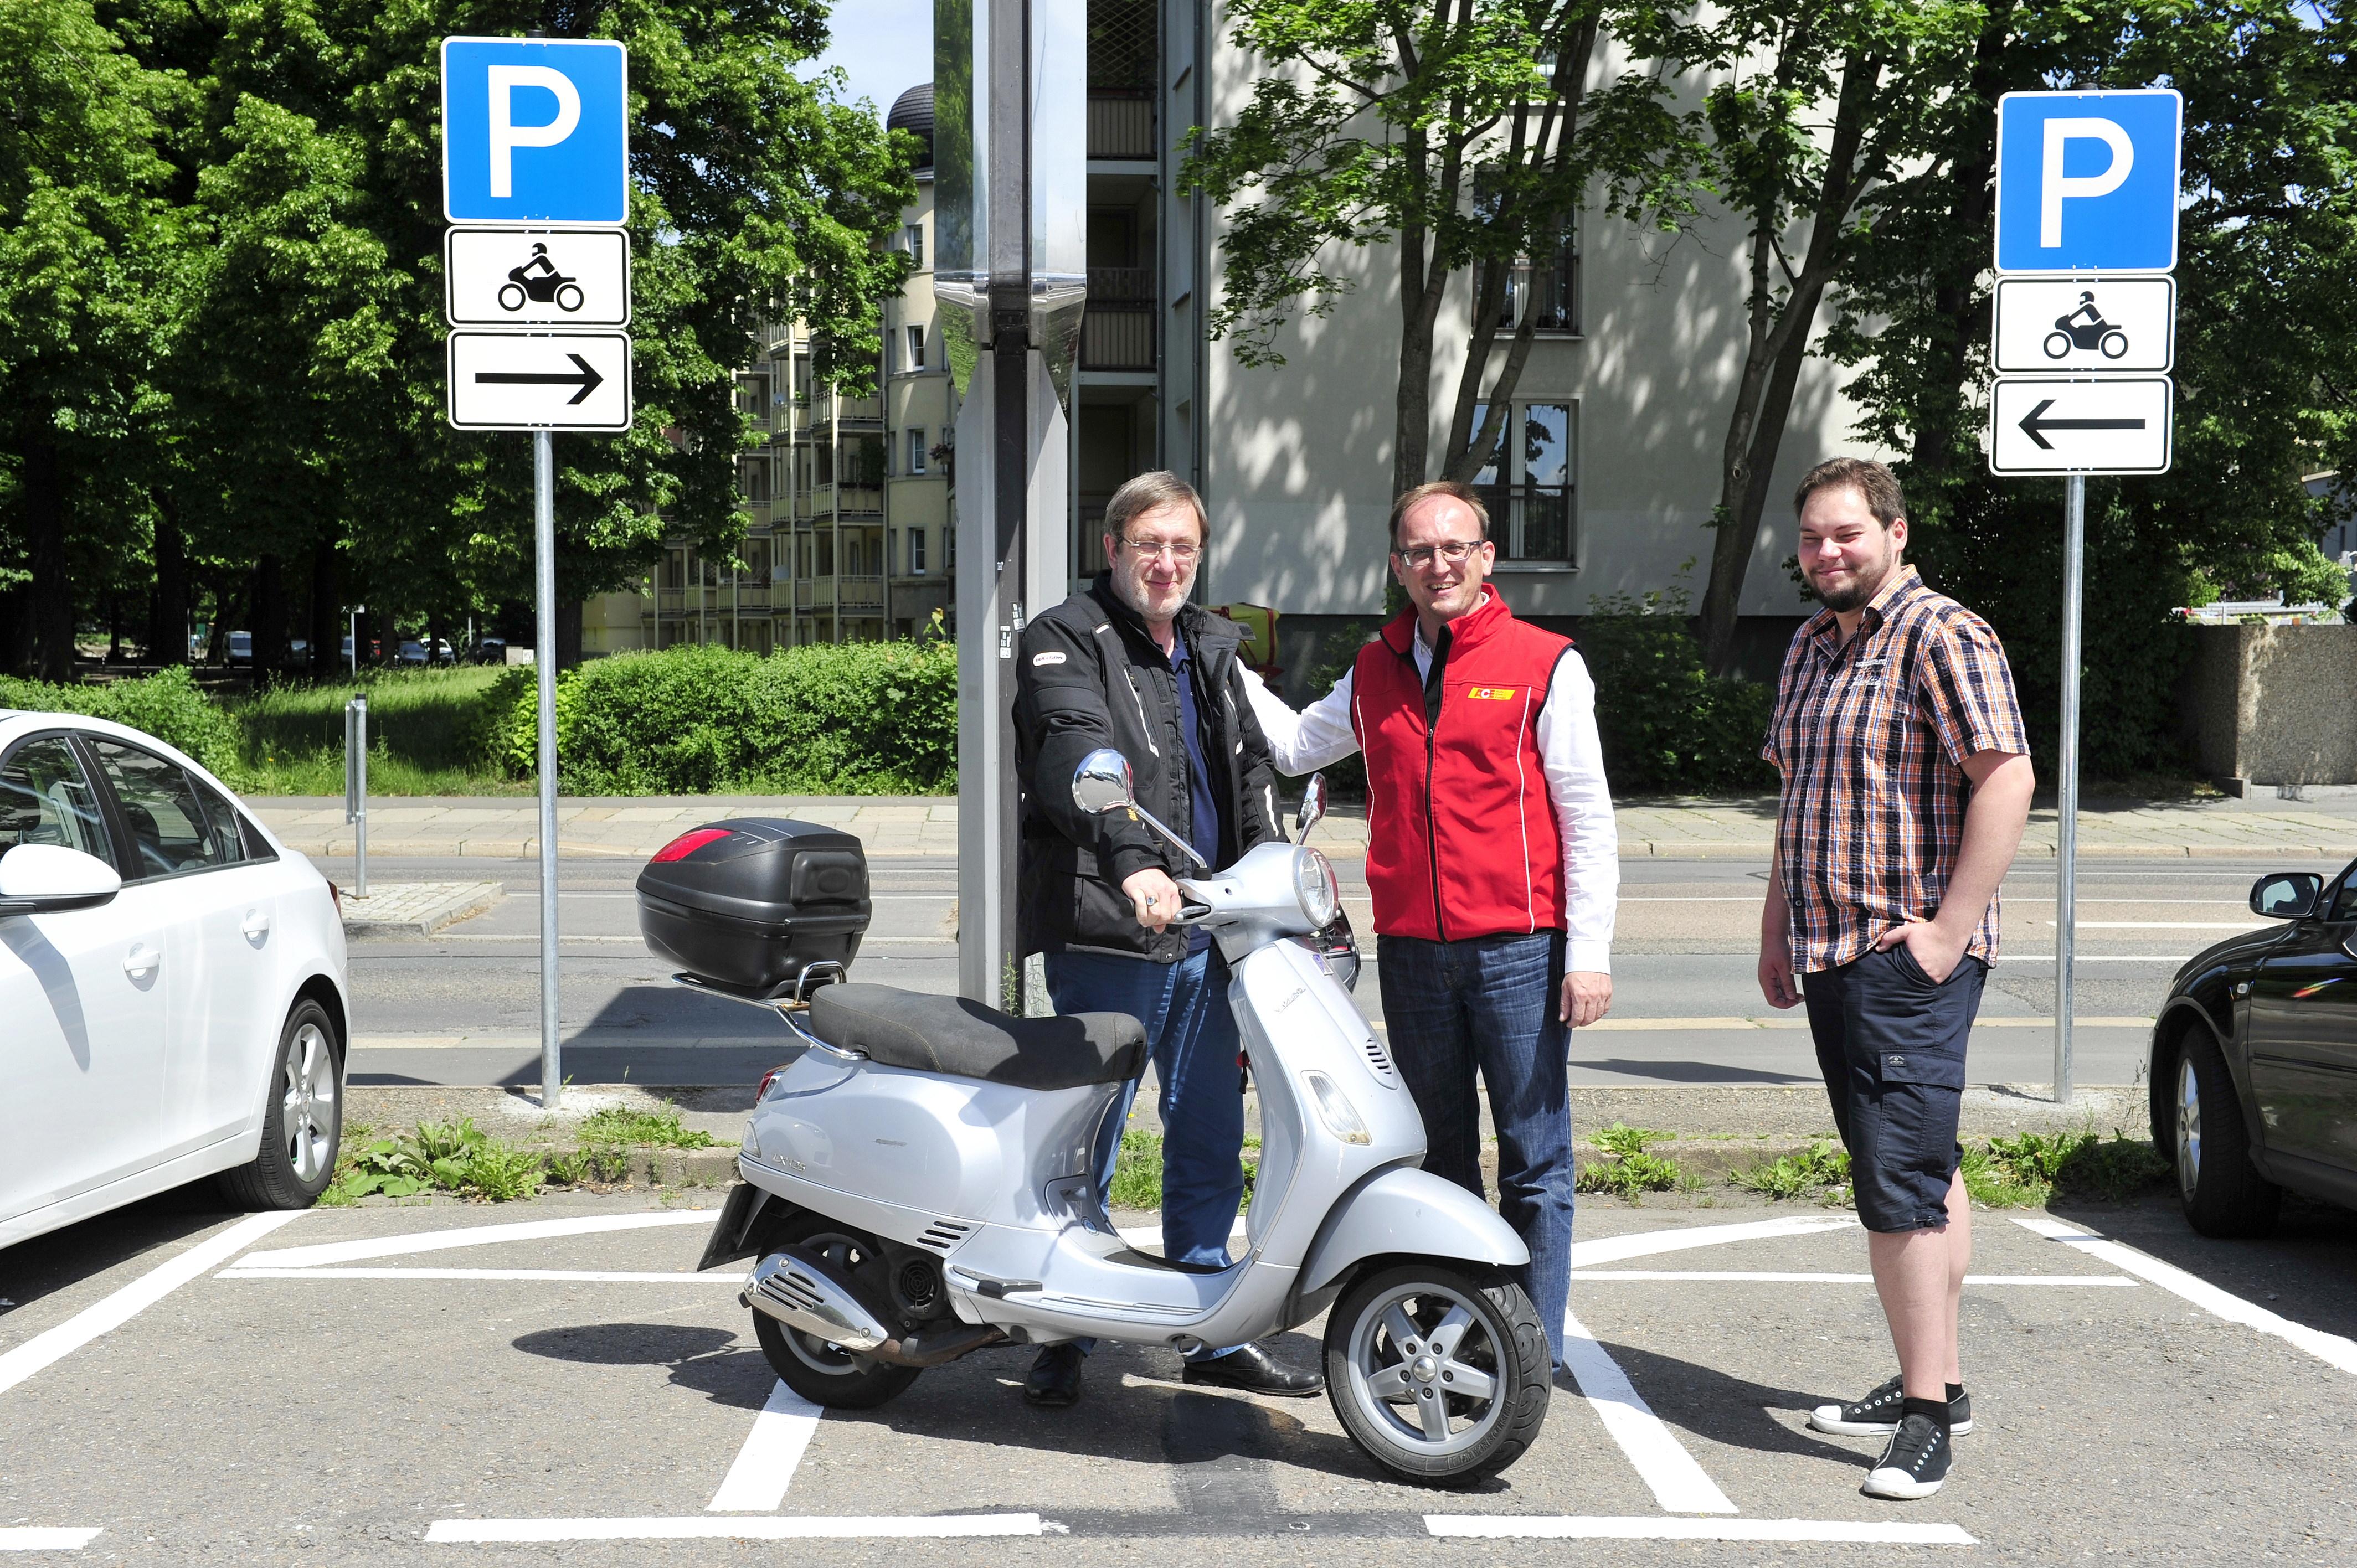 Chemnitz: Auf dem Parkplatz an der Hartmannstrasse wurden 3 Parkplätze für Motorräder eingerichtet. Readakteur Bernd Rippert, Stadtrat Toni Rotter und Stadtrat Jörg Vieweg Foto: Sven Gleisberg